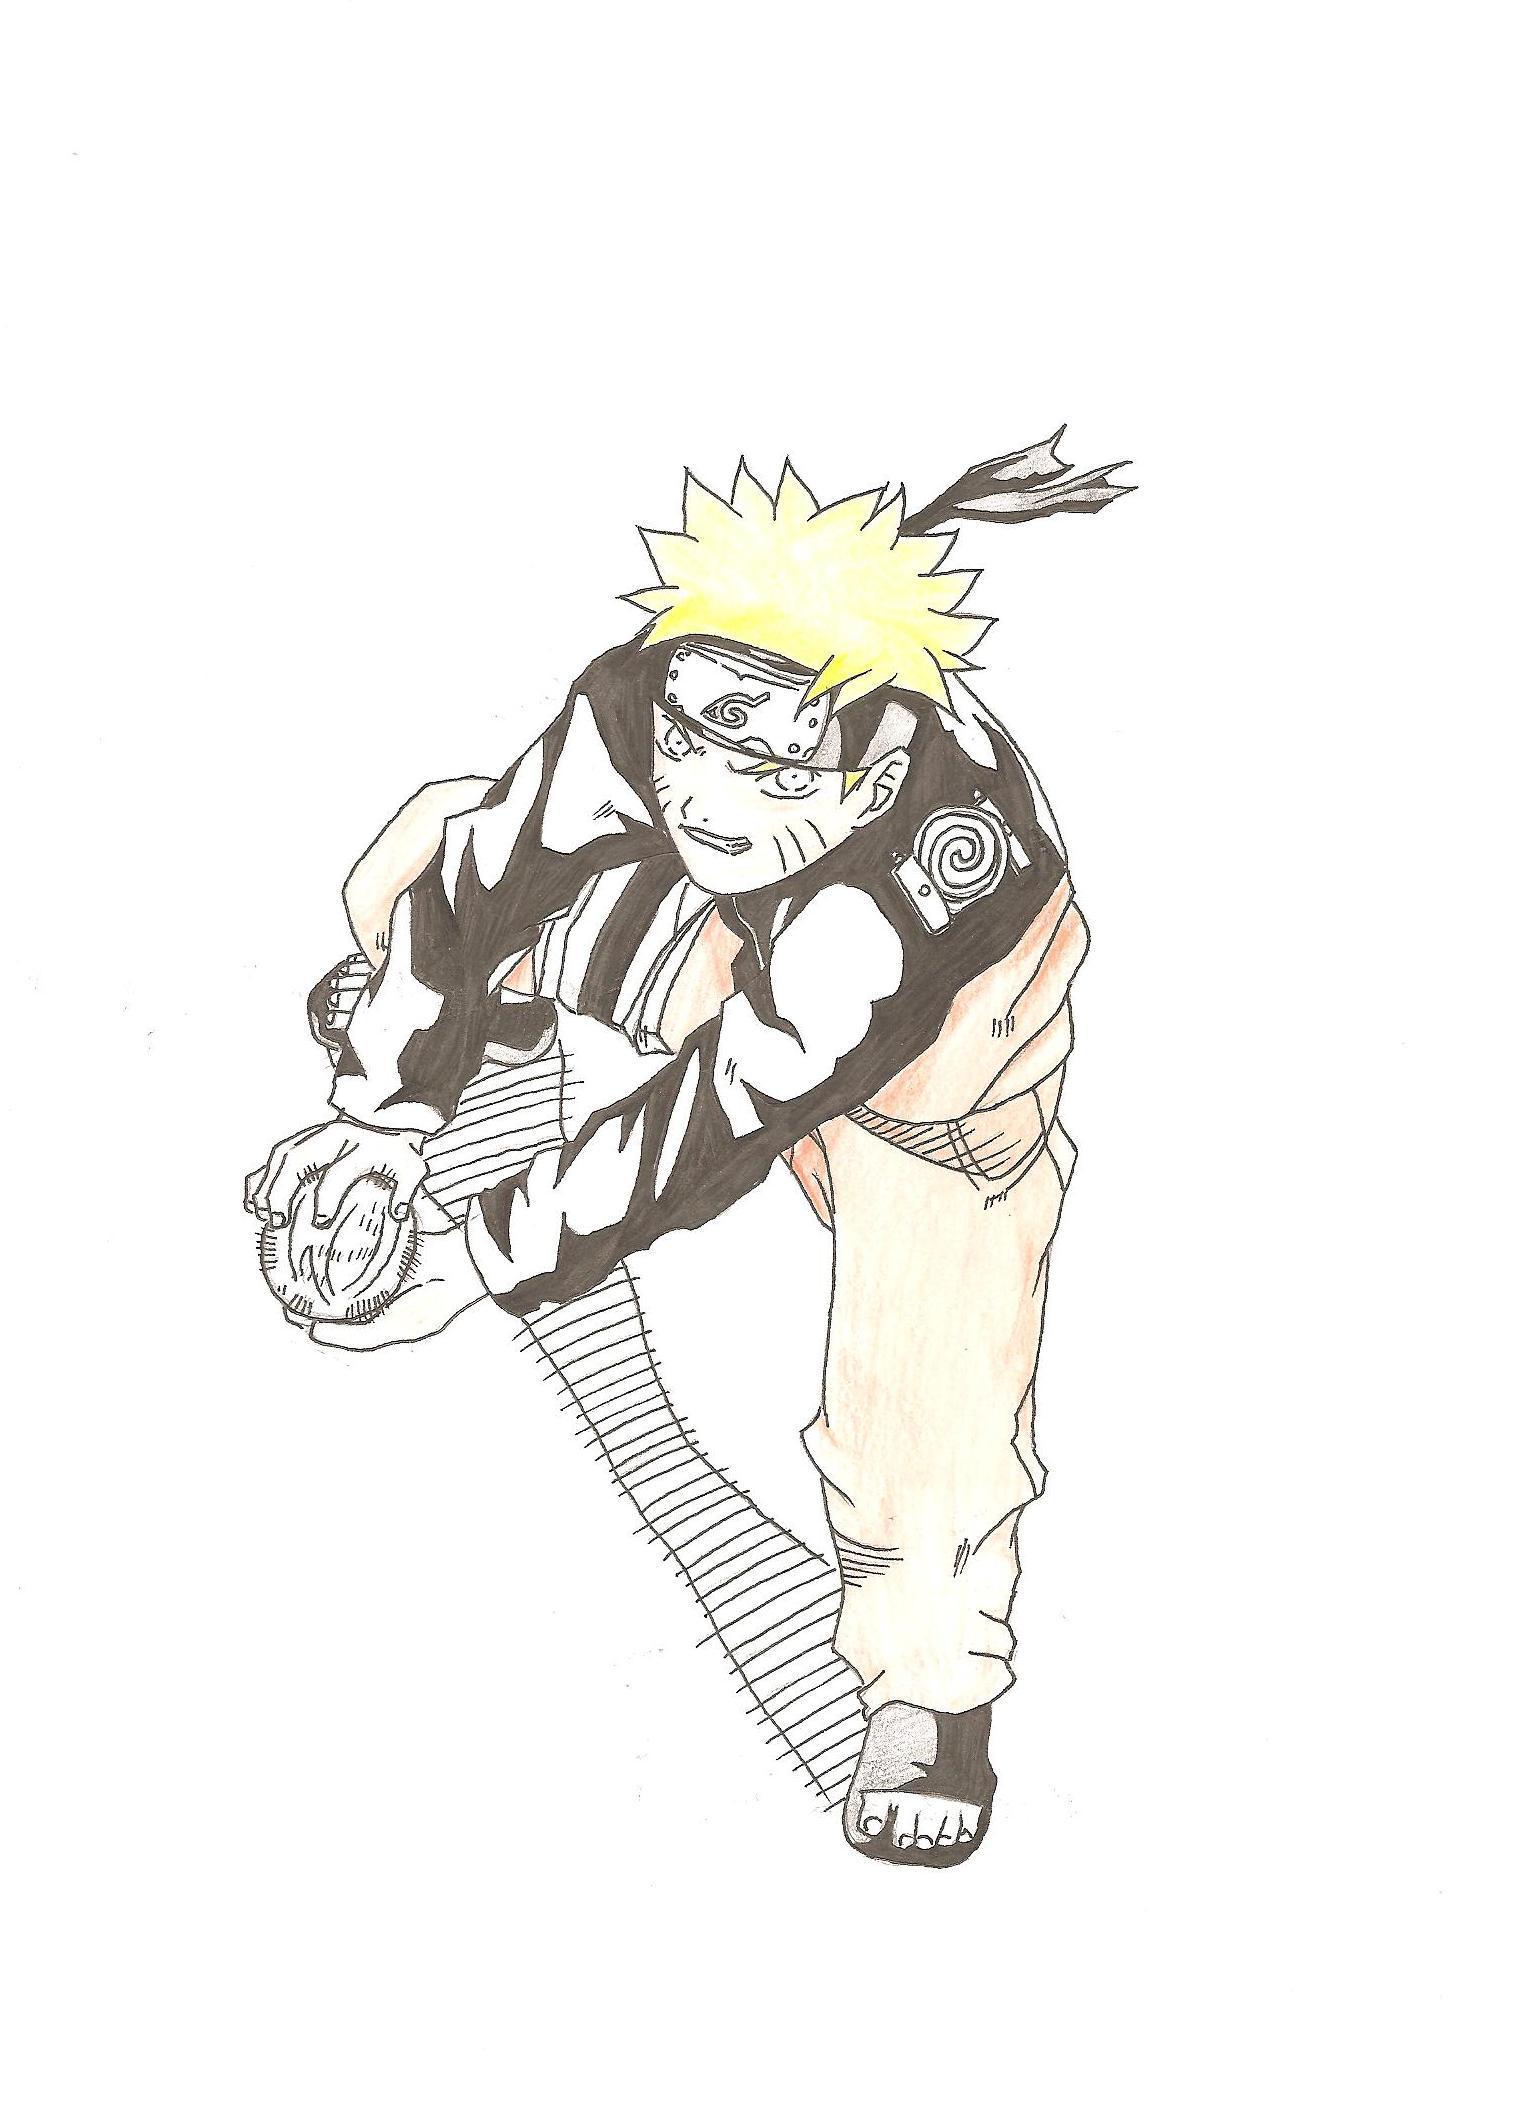 Naruto the way of naruto naruto shippuden rasengan de iashi731 - Naruto dessin couleur ...